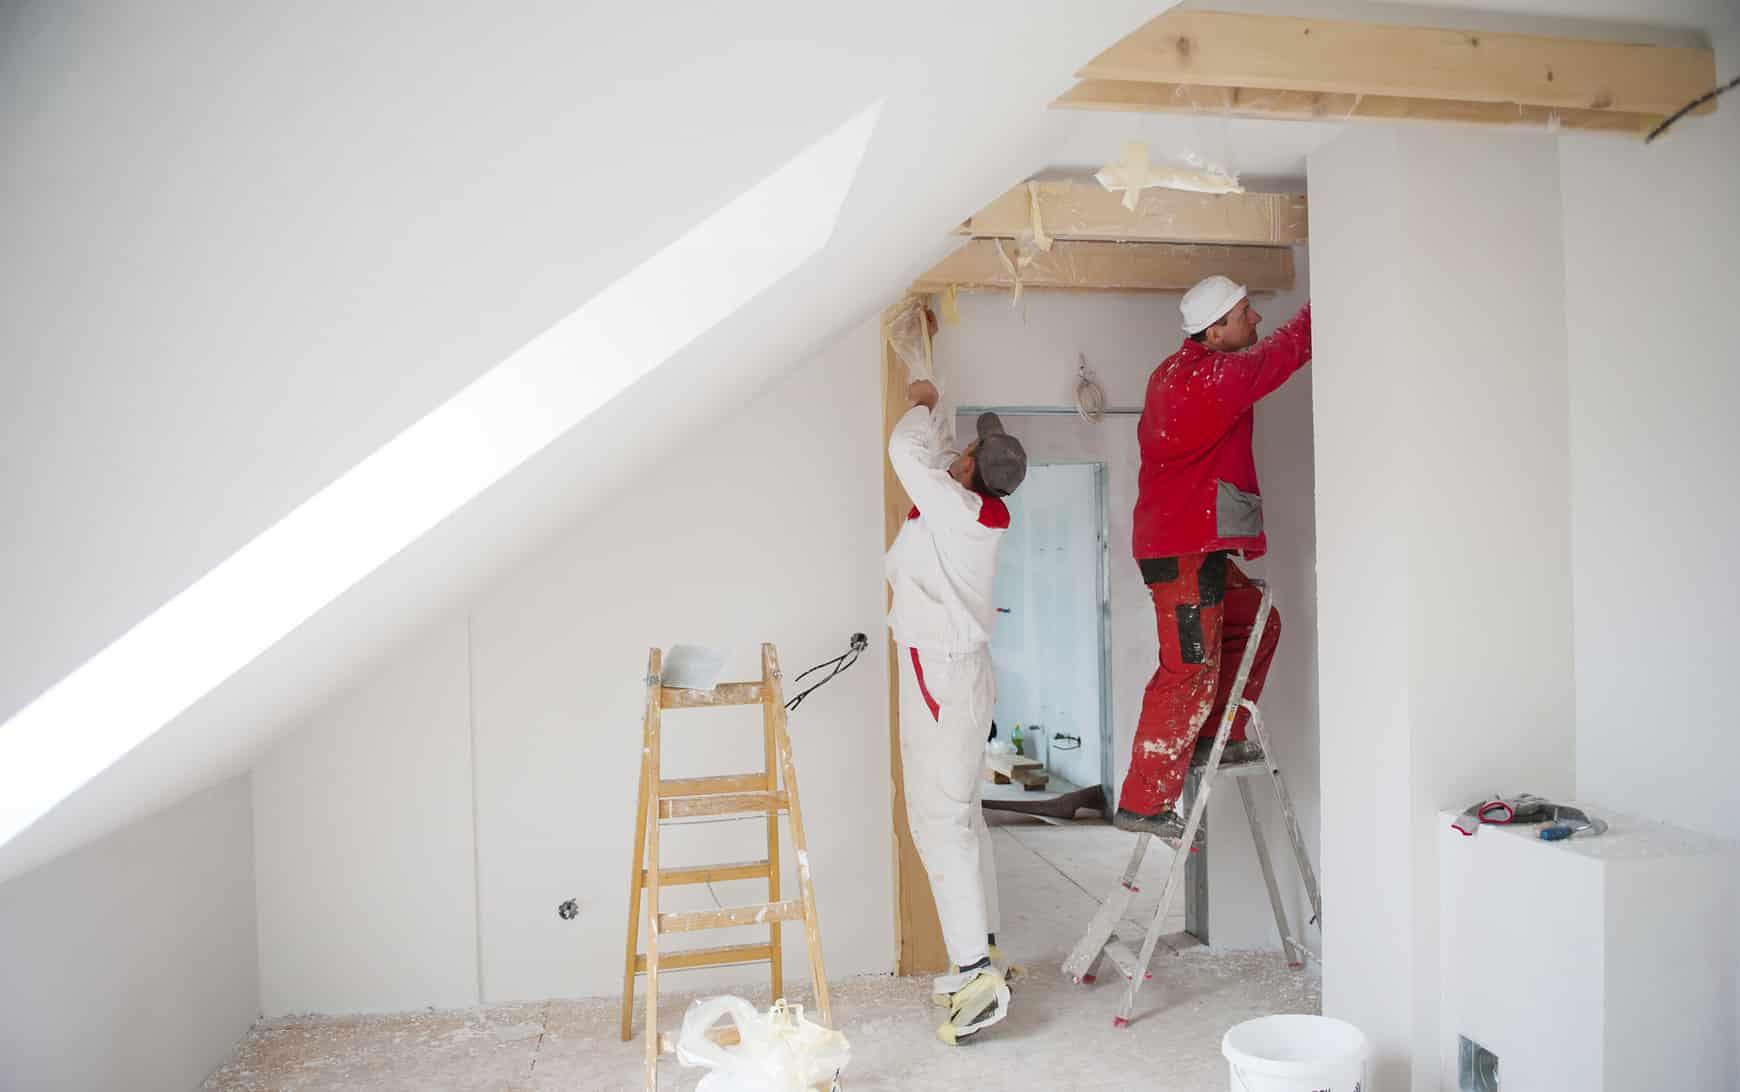 Quels sont les différents travaux de logement pris en charge par l'ANAH ?